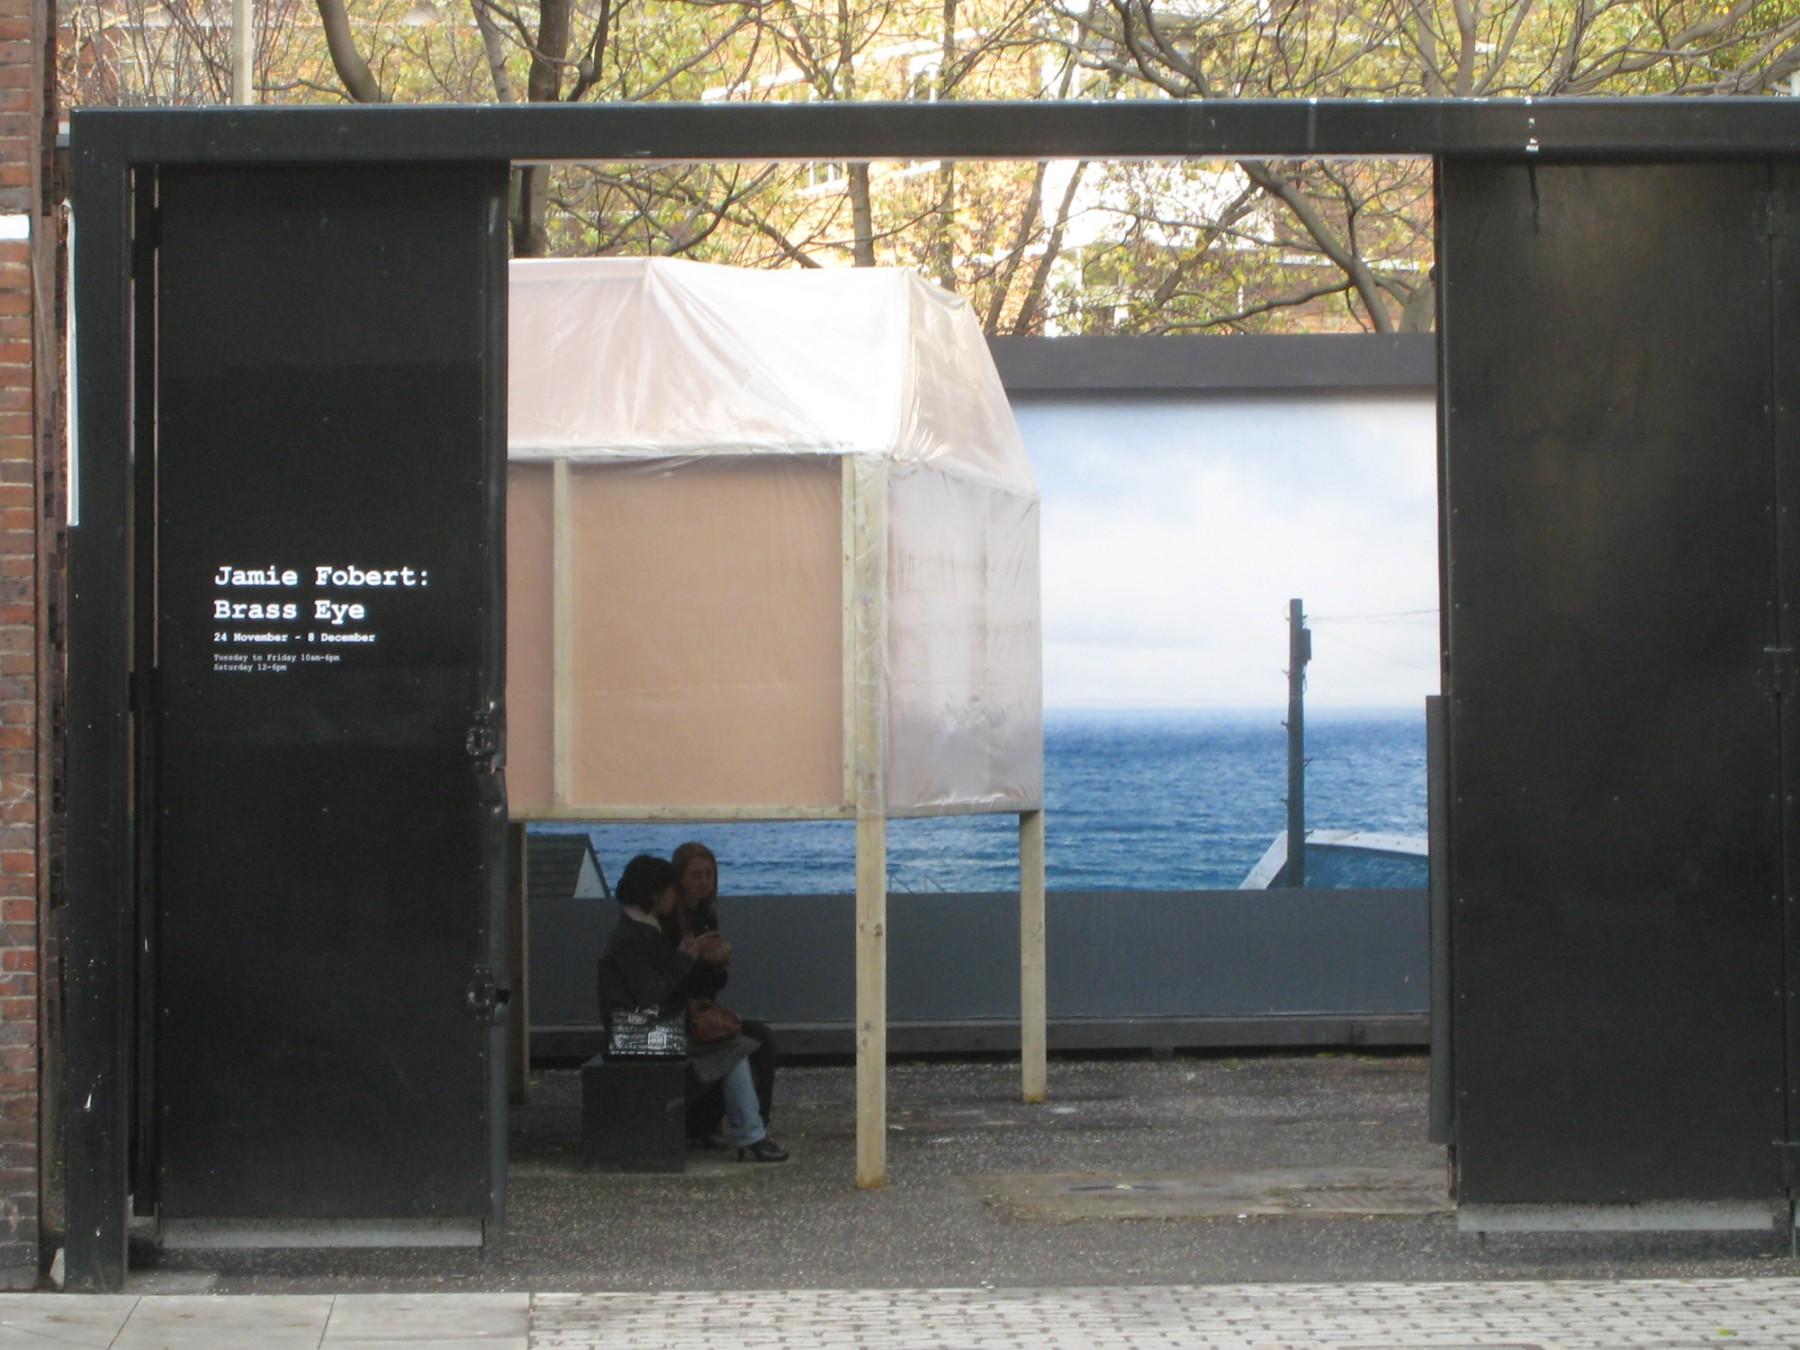 Jamie-Fobert-Architects- Brass-Eye- Architecture-Foundation-Exhibition